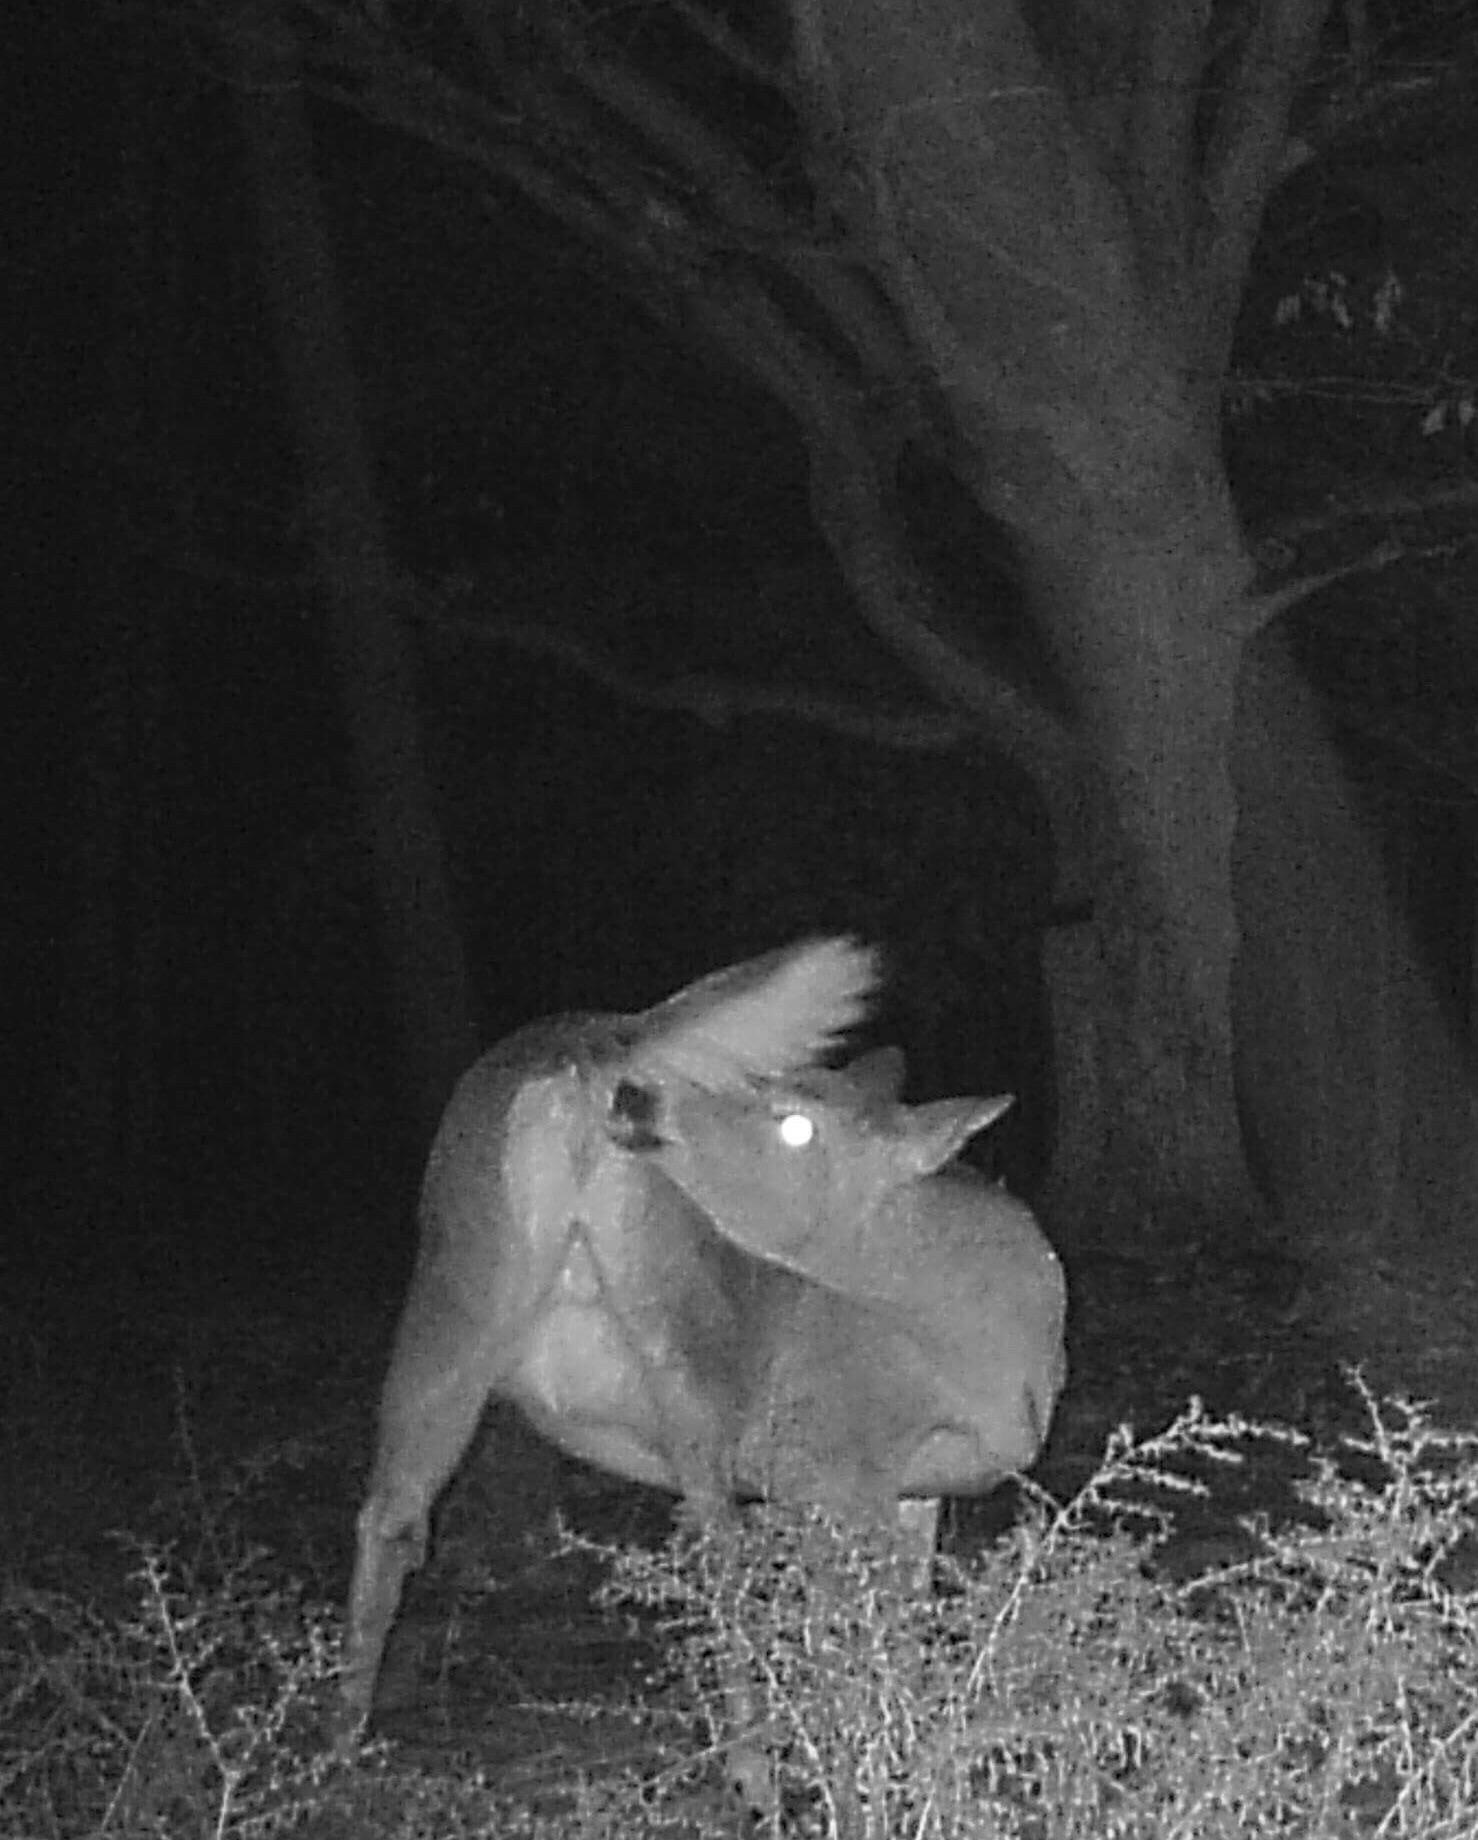 Had a good laugh browsing through my trail cam photos.